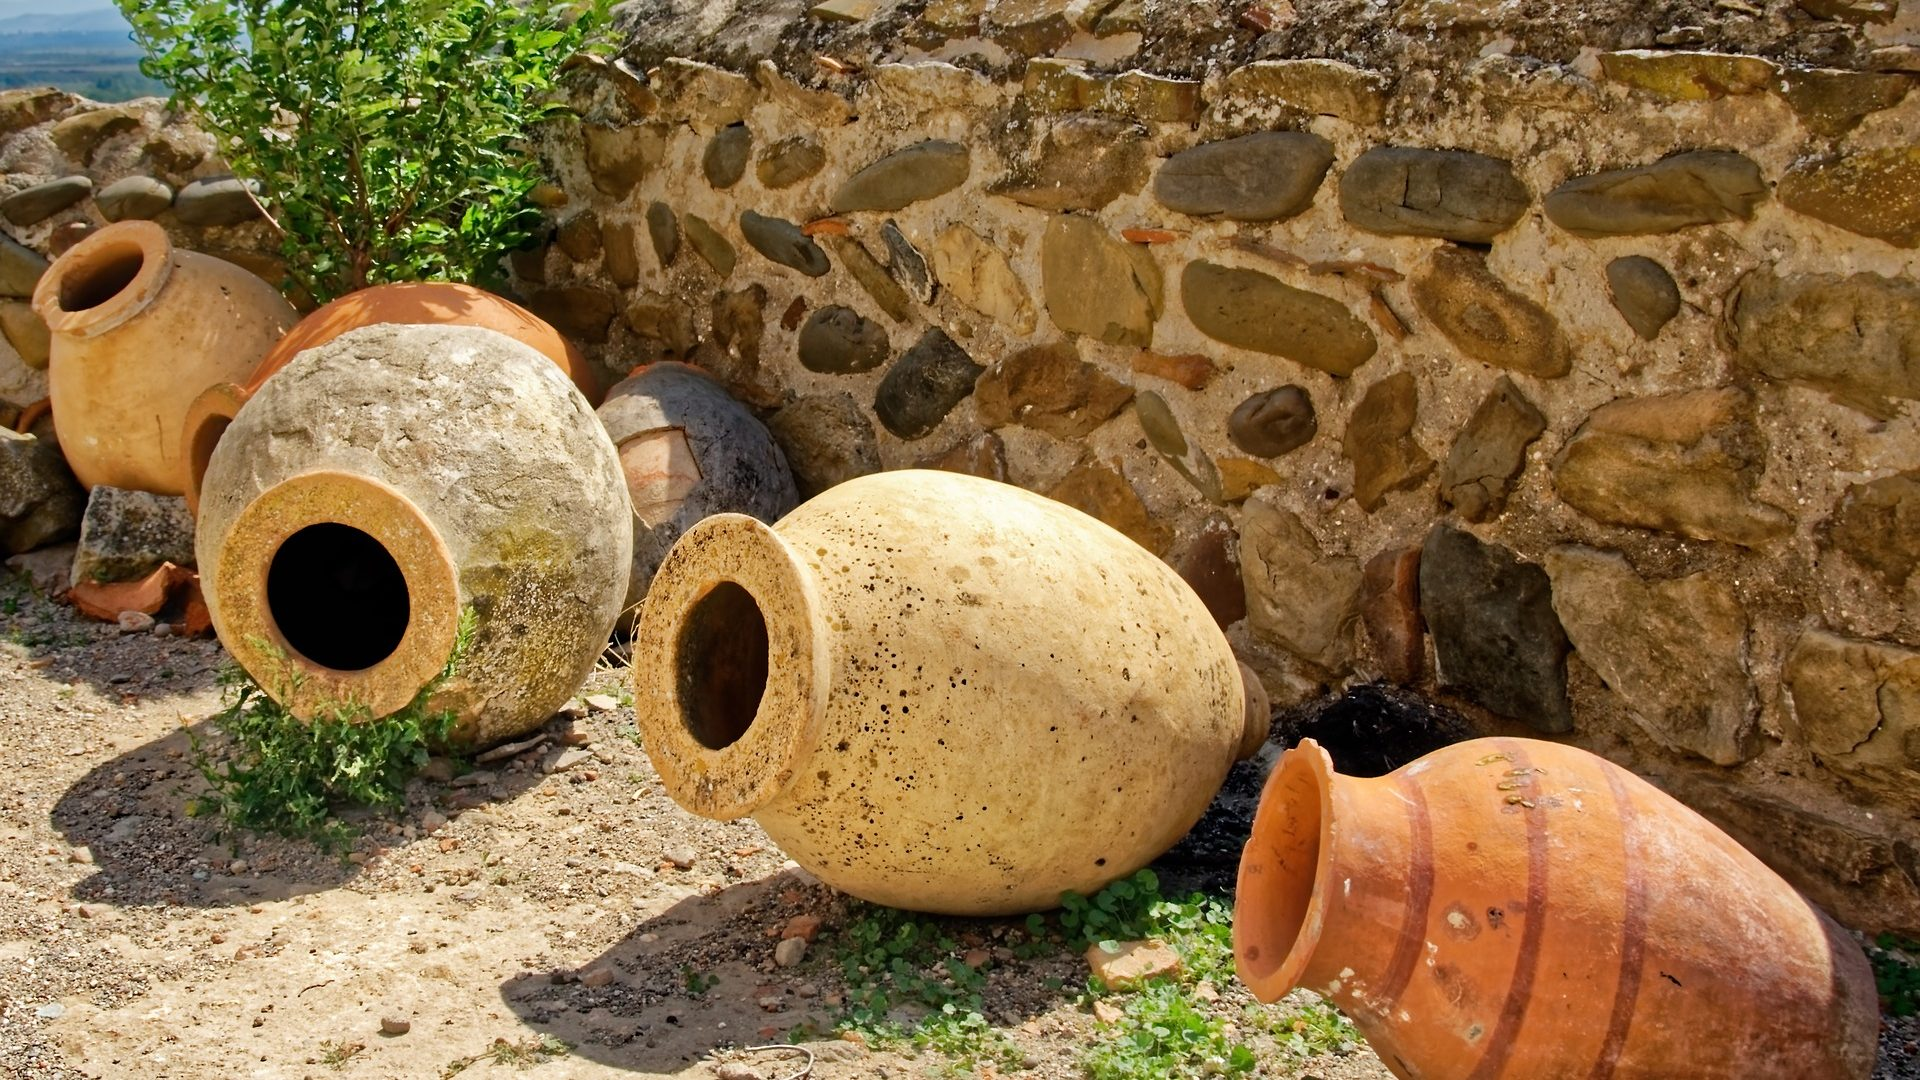 amphora-3700525_1920